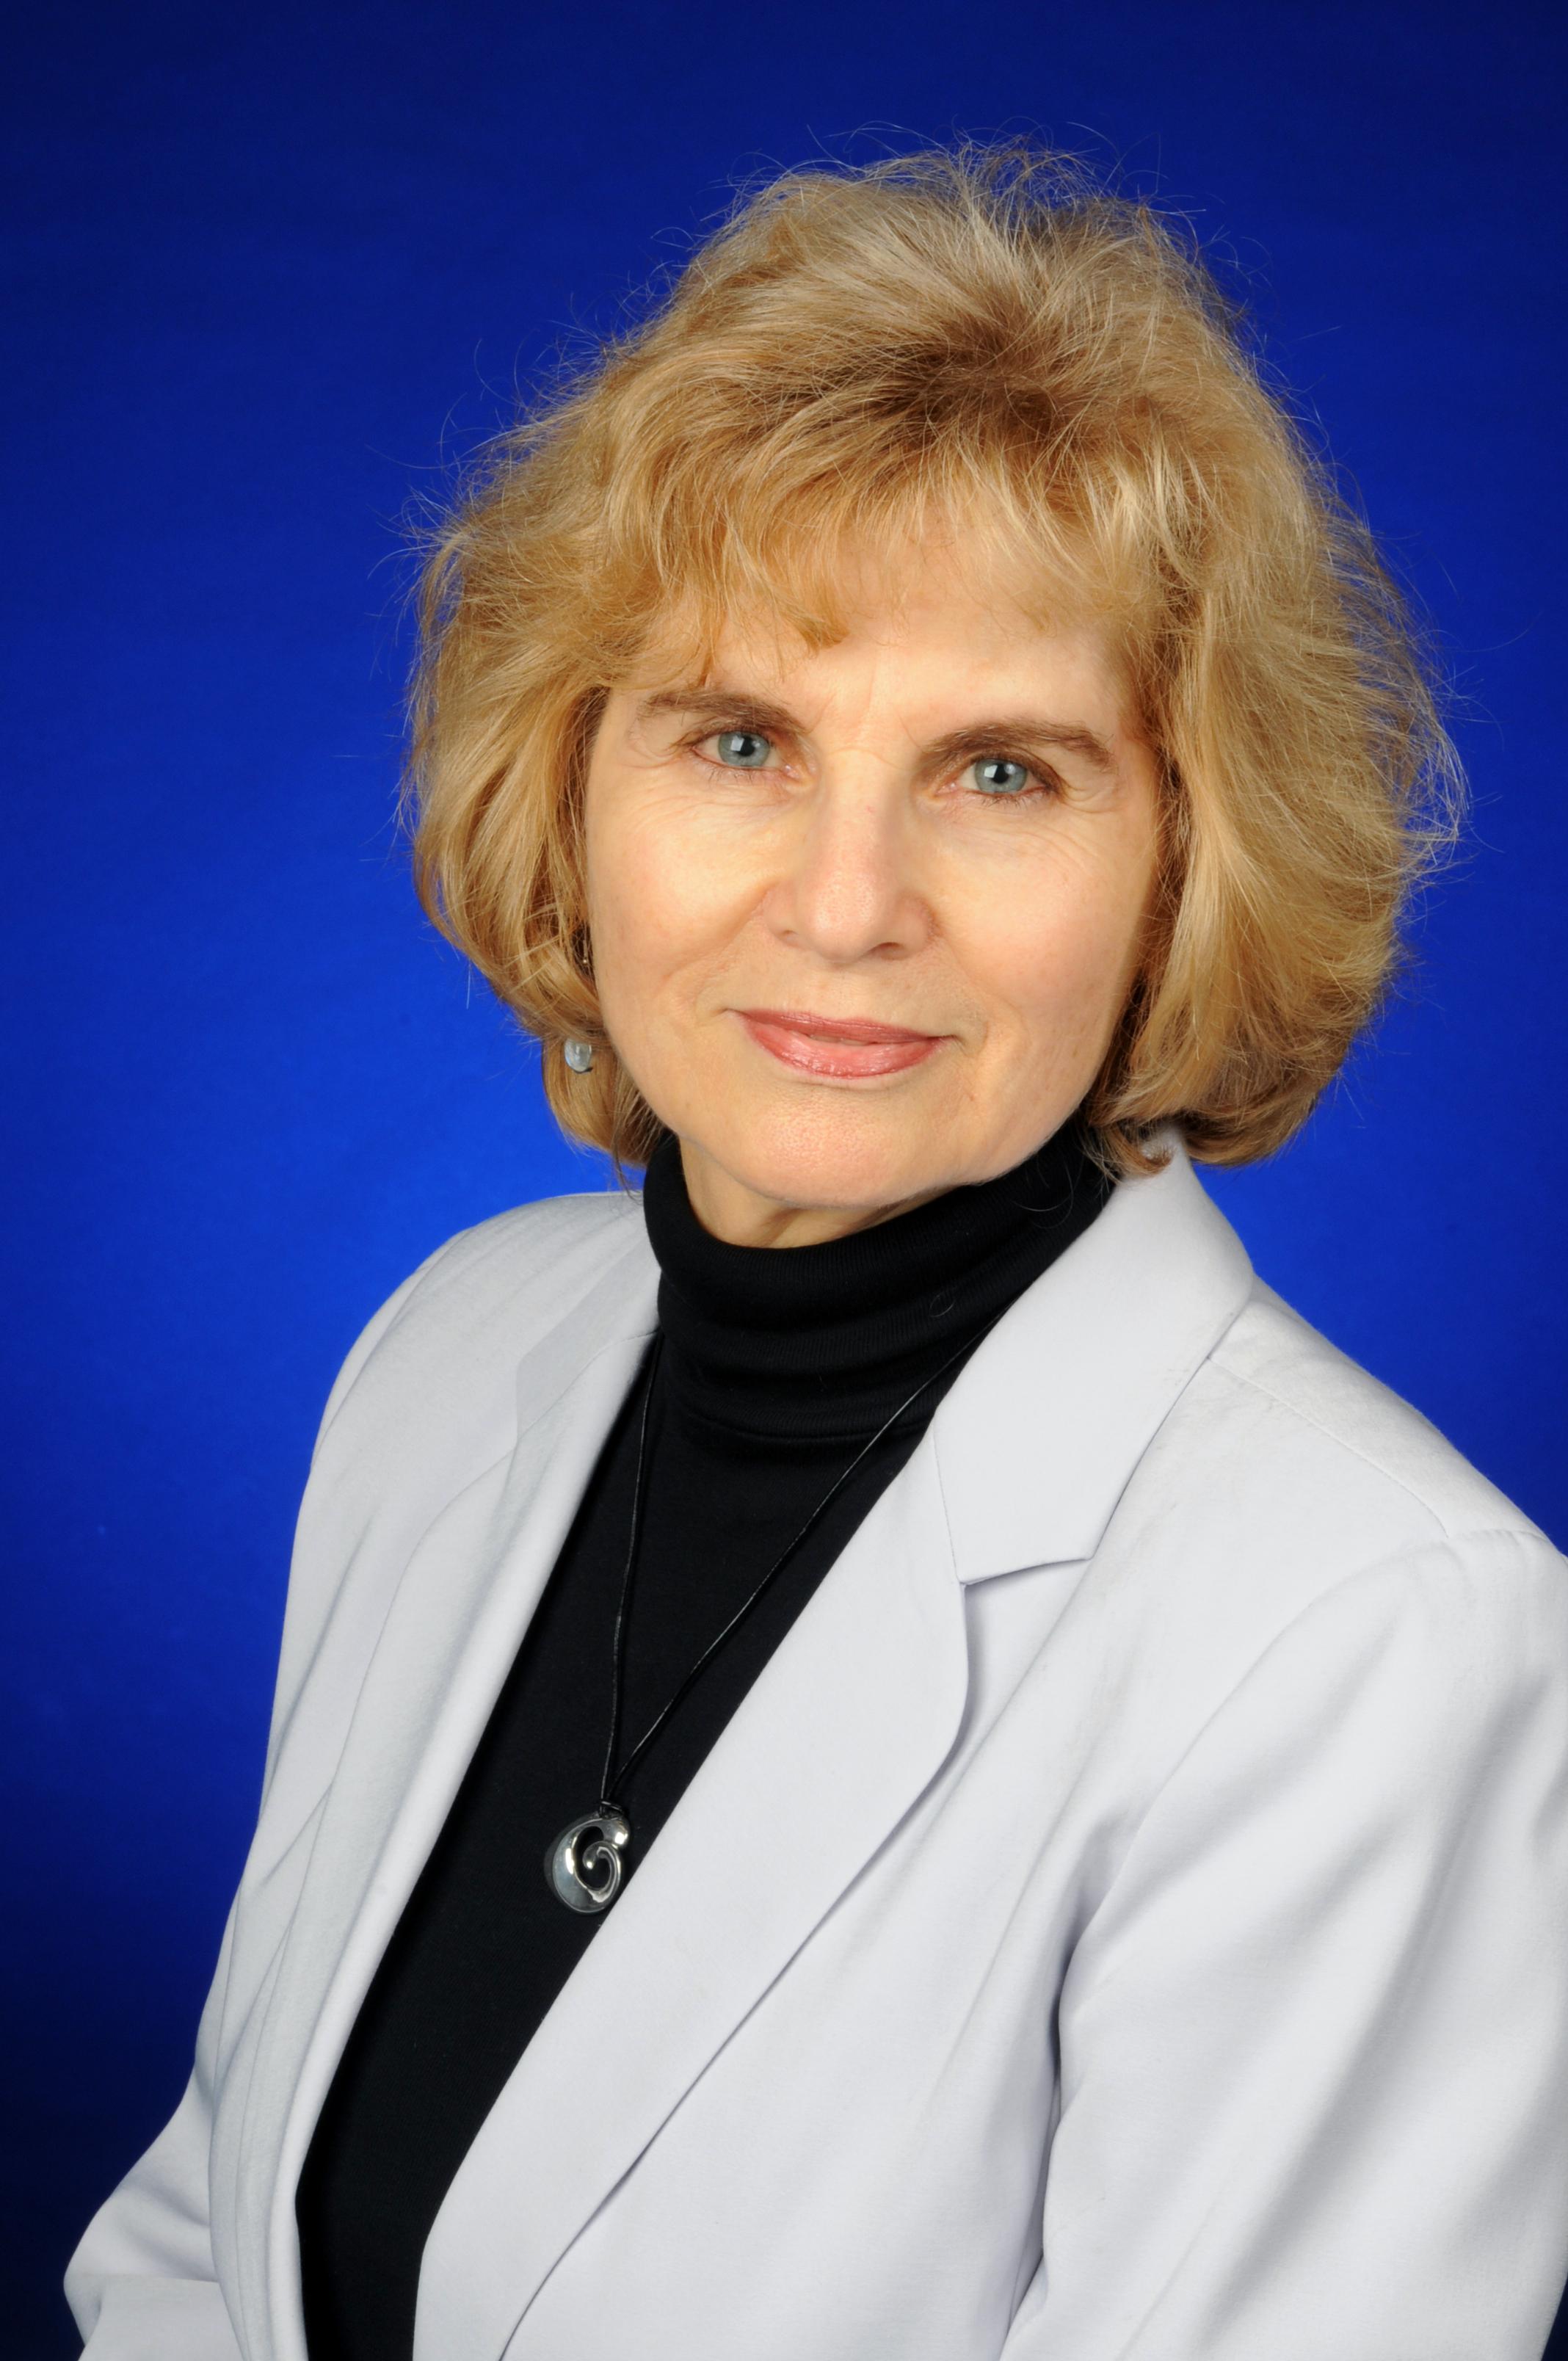 Margalit Toledano